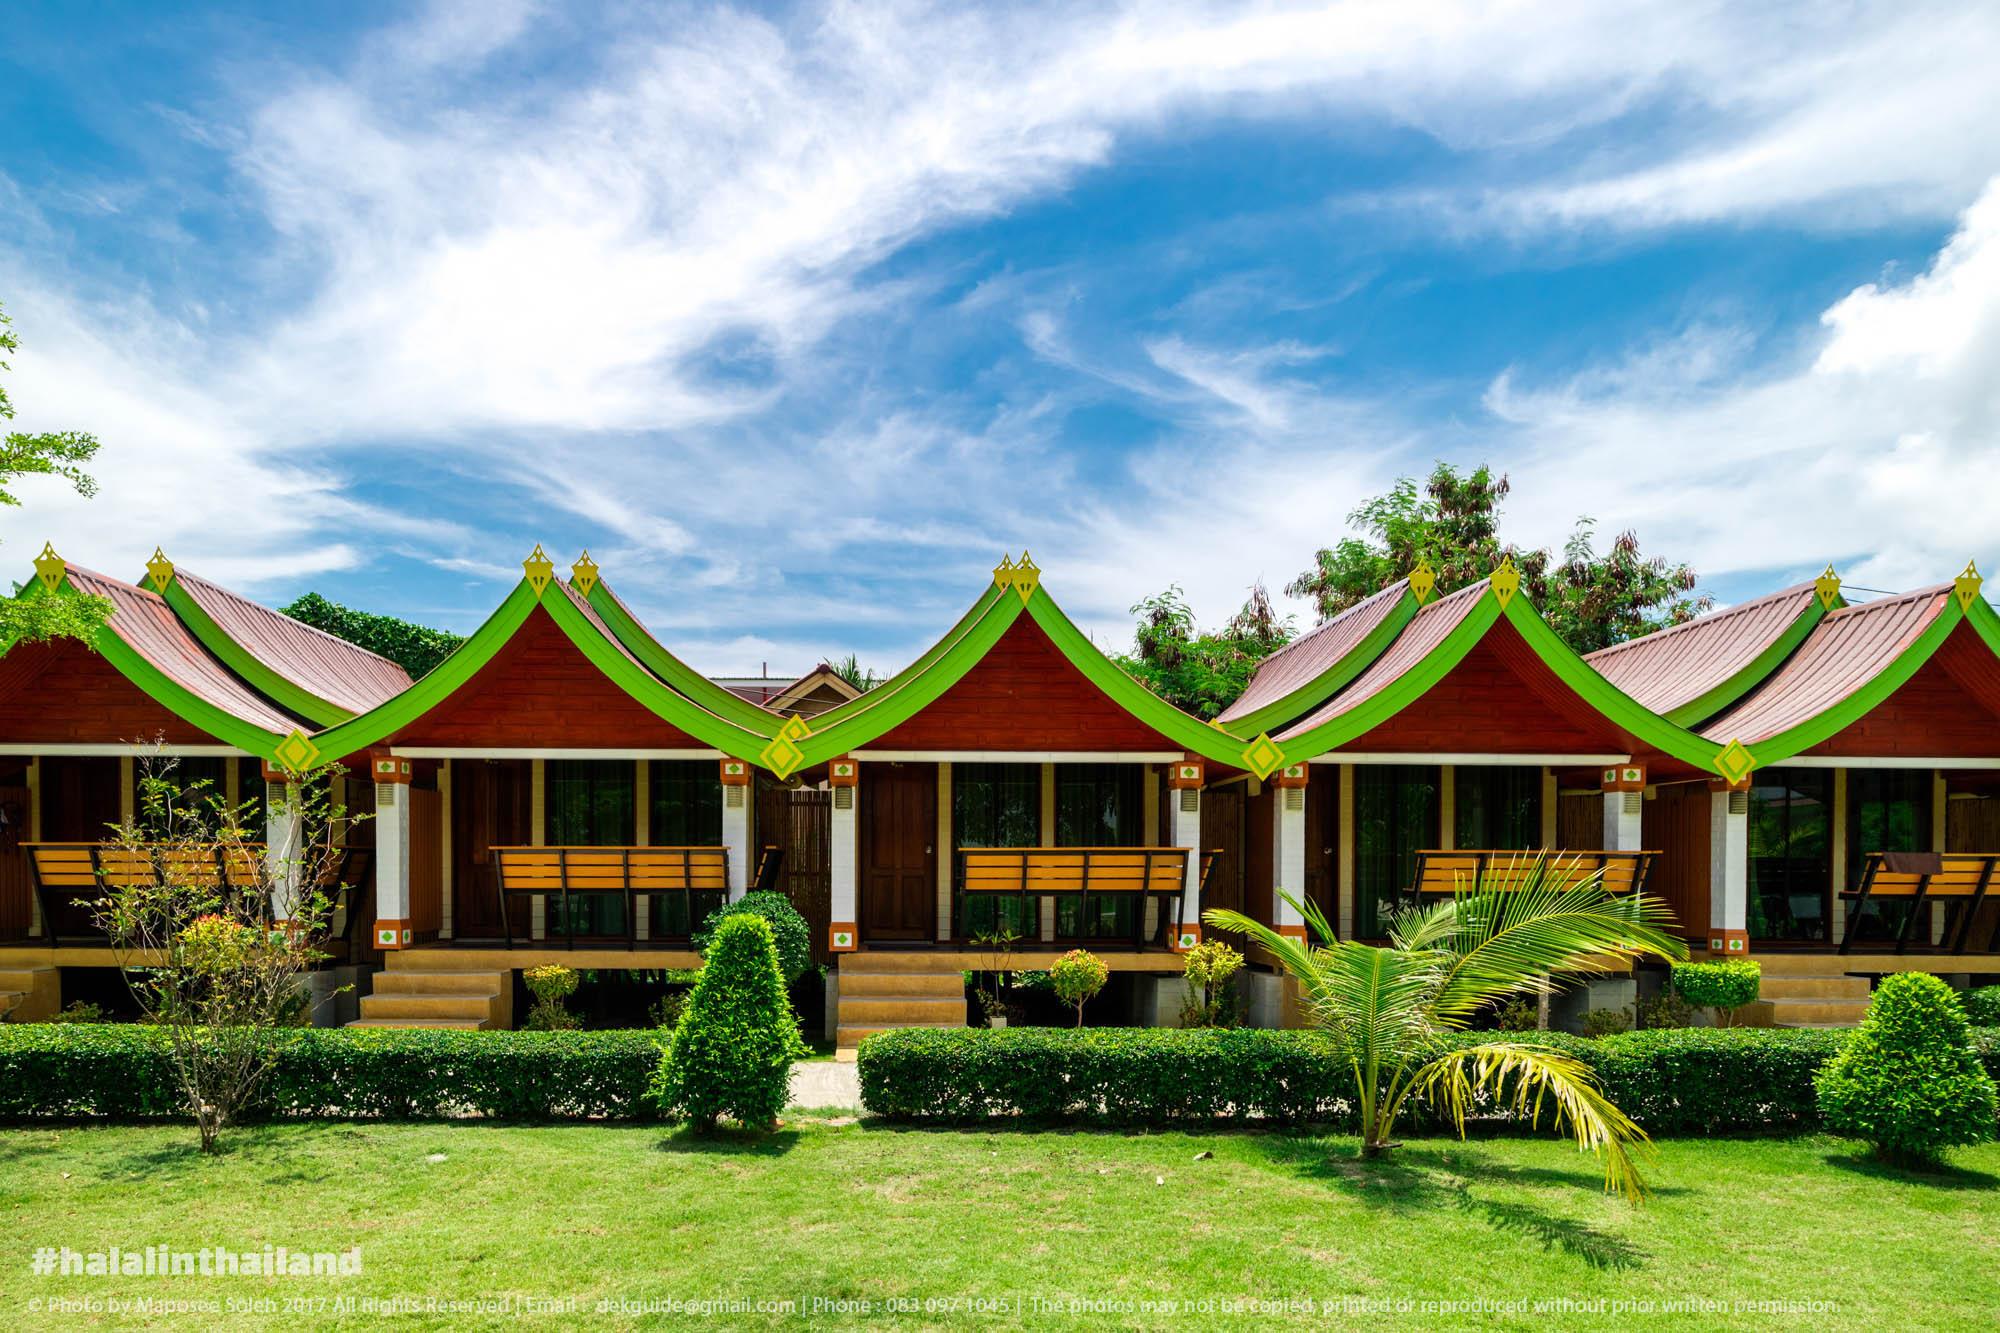 โคโค่ เบลล่า รีสอร์ท Coco Bella Resort รีสอร์ทฮาลาล